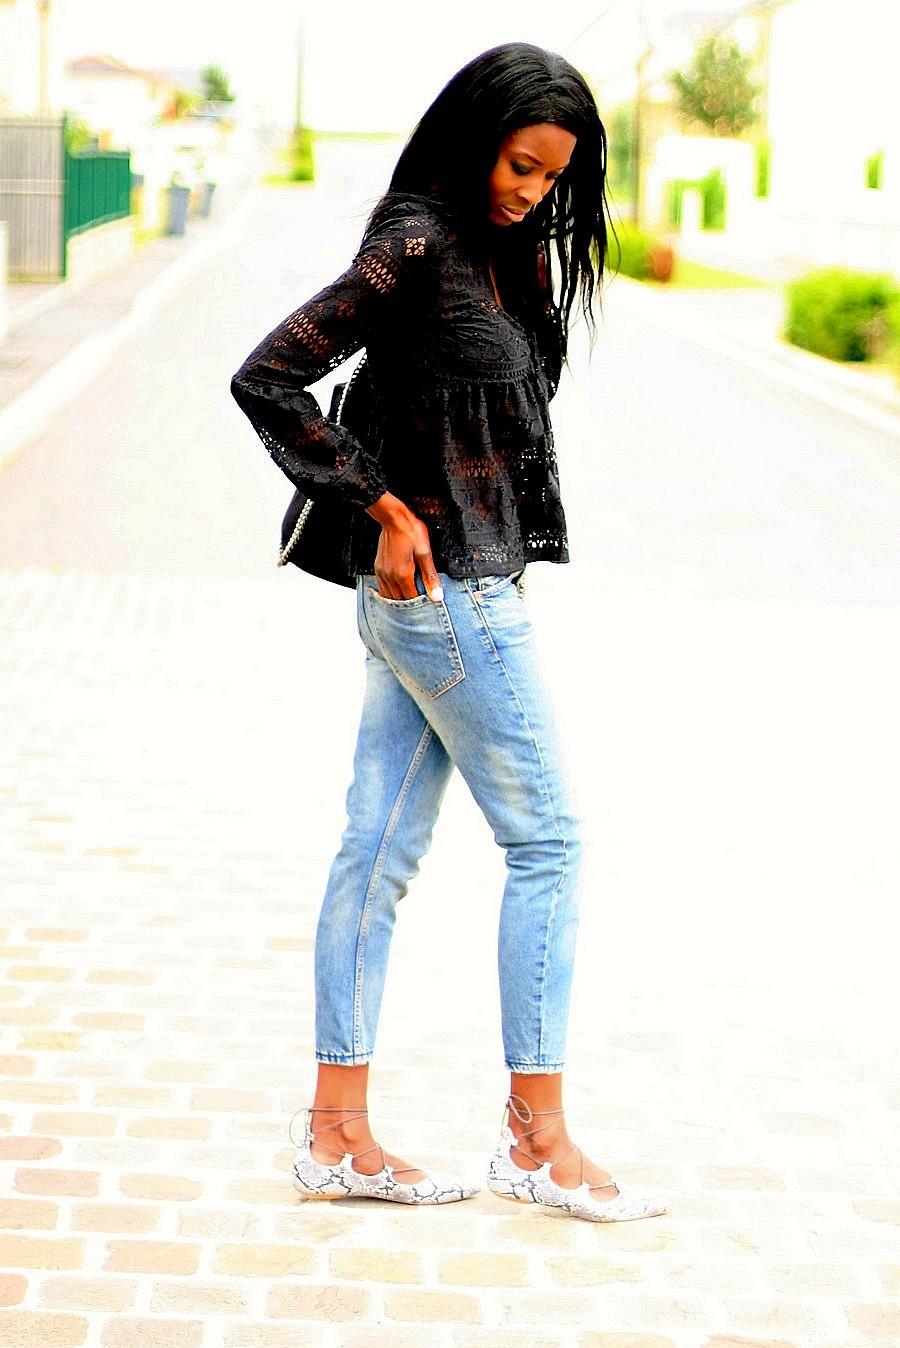 top-dentelle-sac-falabelle-stella-mccartney-jeans-boyfriend-mocassins-lacets-topshop-blog-mode